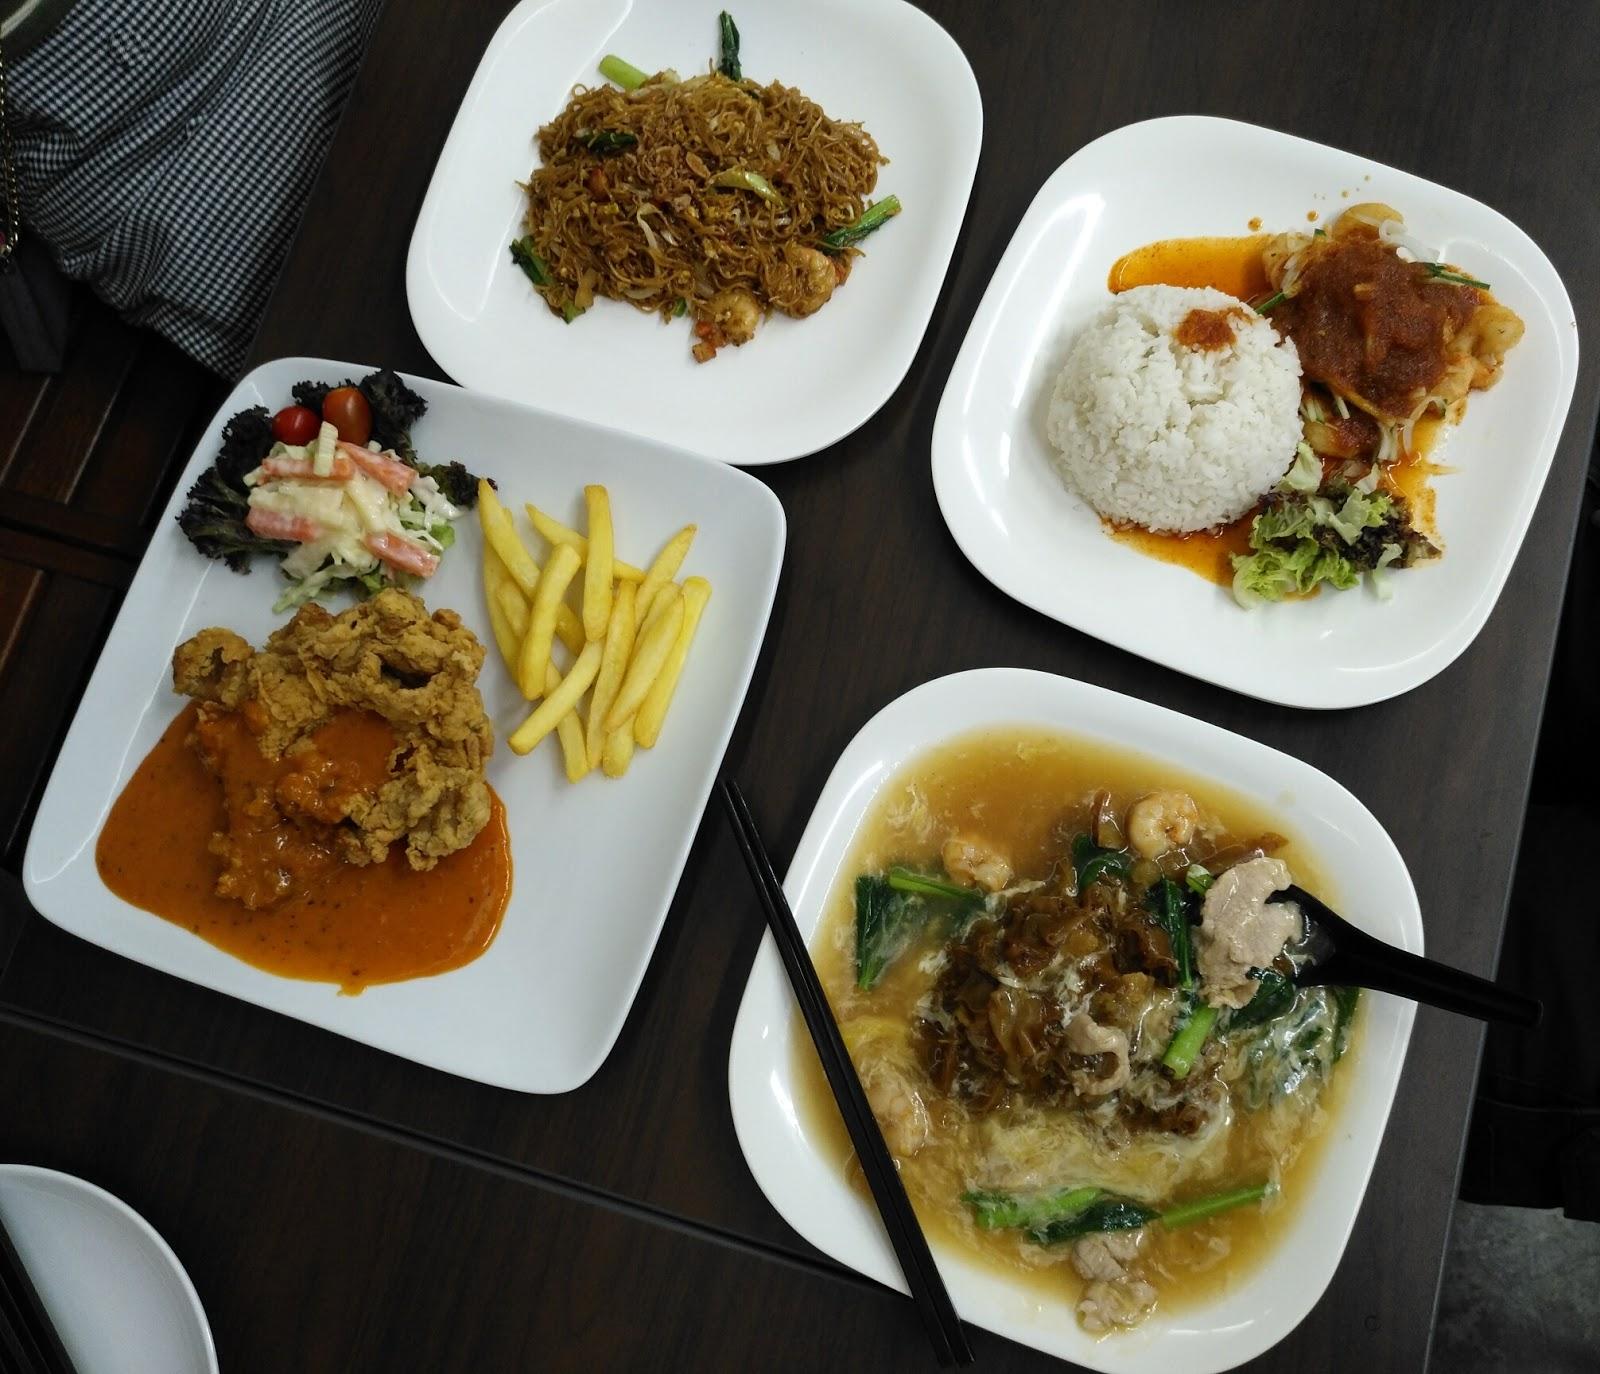 盘点7家【KDU Penang】学院生必吃附近CP值高的美食!上课前/后赶紧去喂饱你的肚子吧!